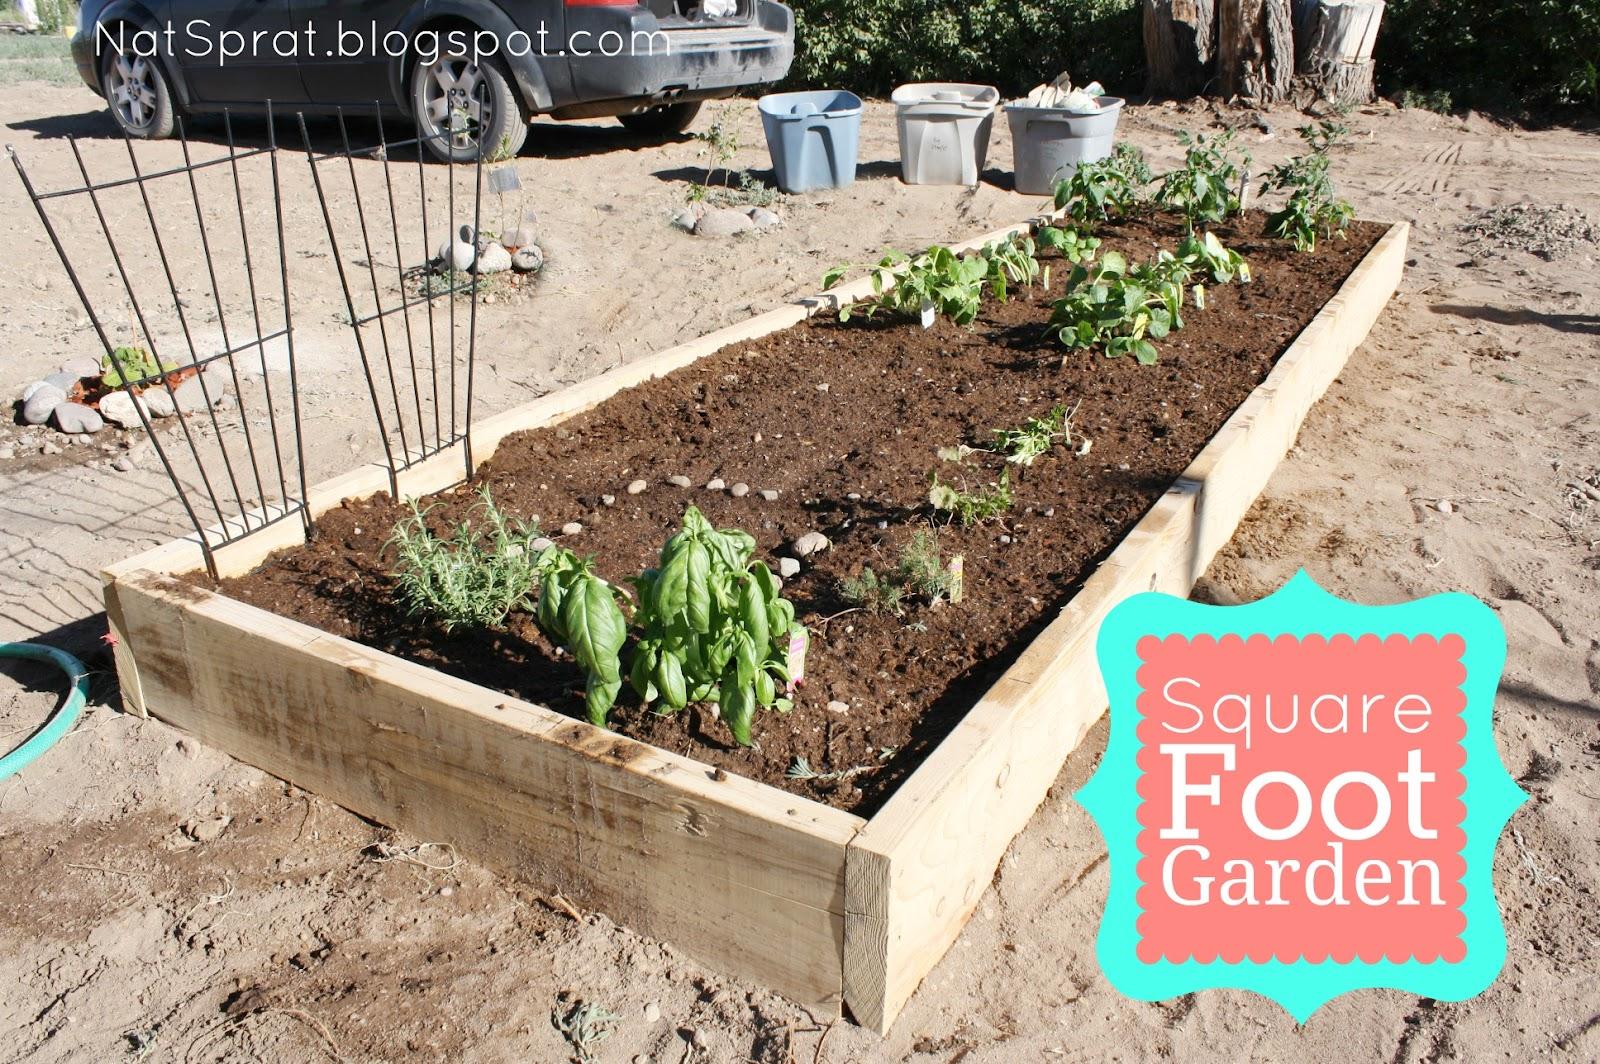 NatSprat: My Square Foot Garden {Yee-haw!}